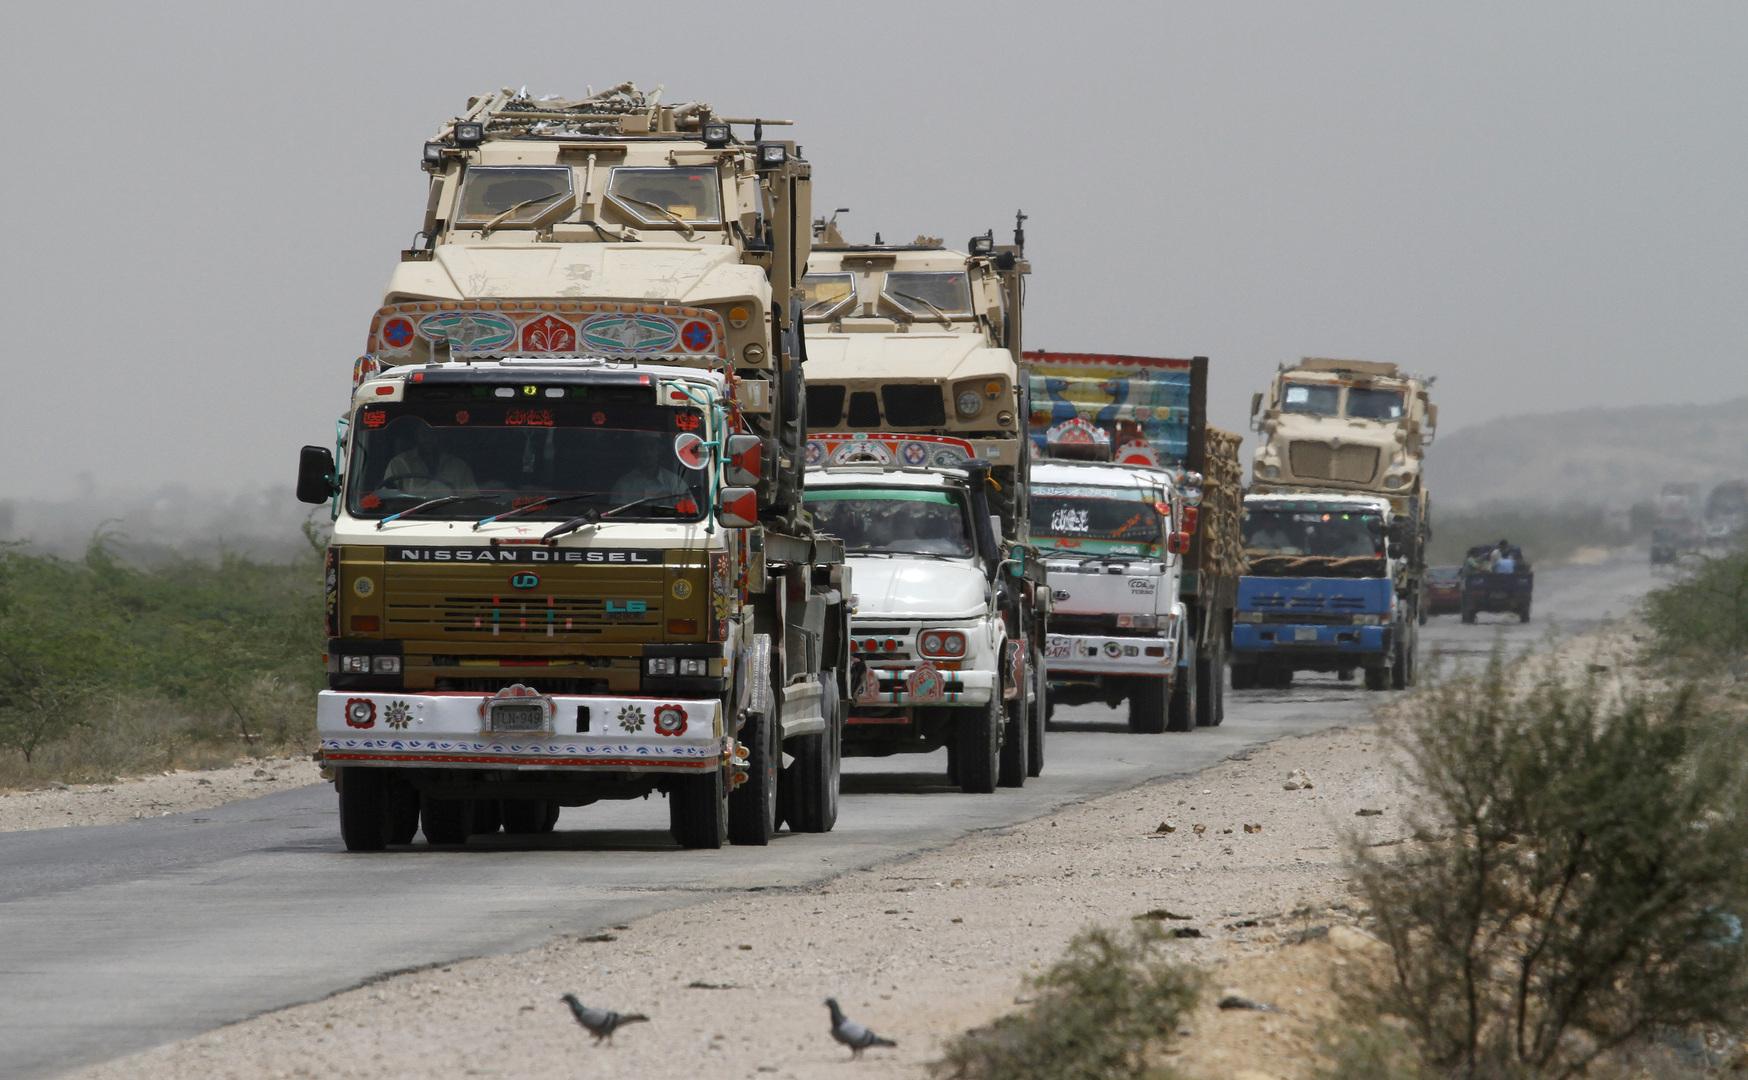 واشنطن تبحث في 3 دول عن ملجأ مؤقت لنحو 9 آلاف أفغاني خوفا عليهم من انتقام